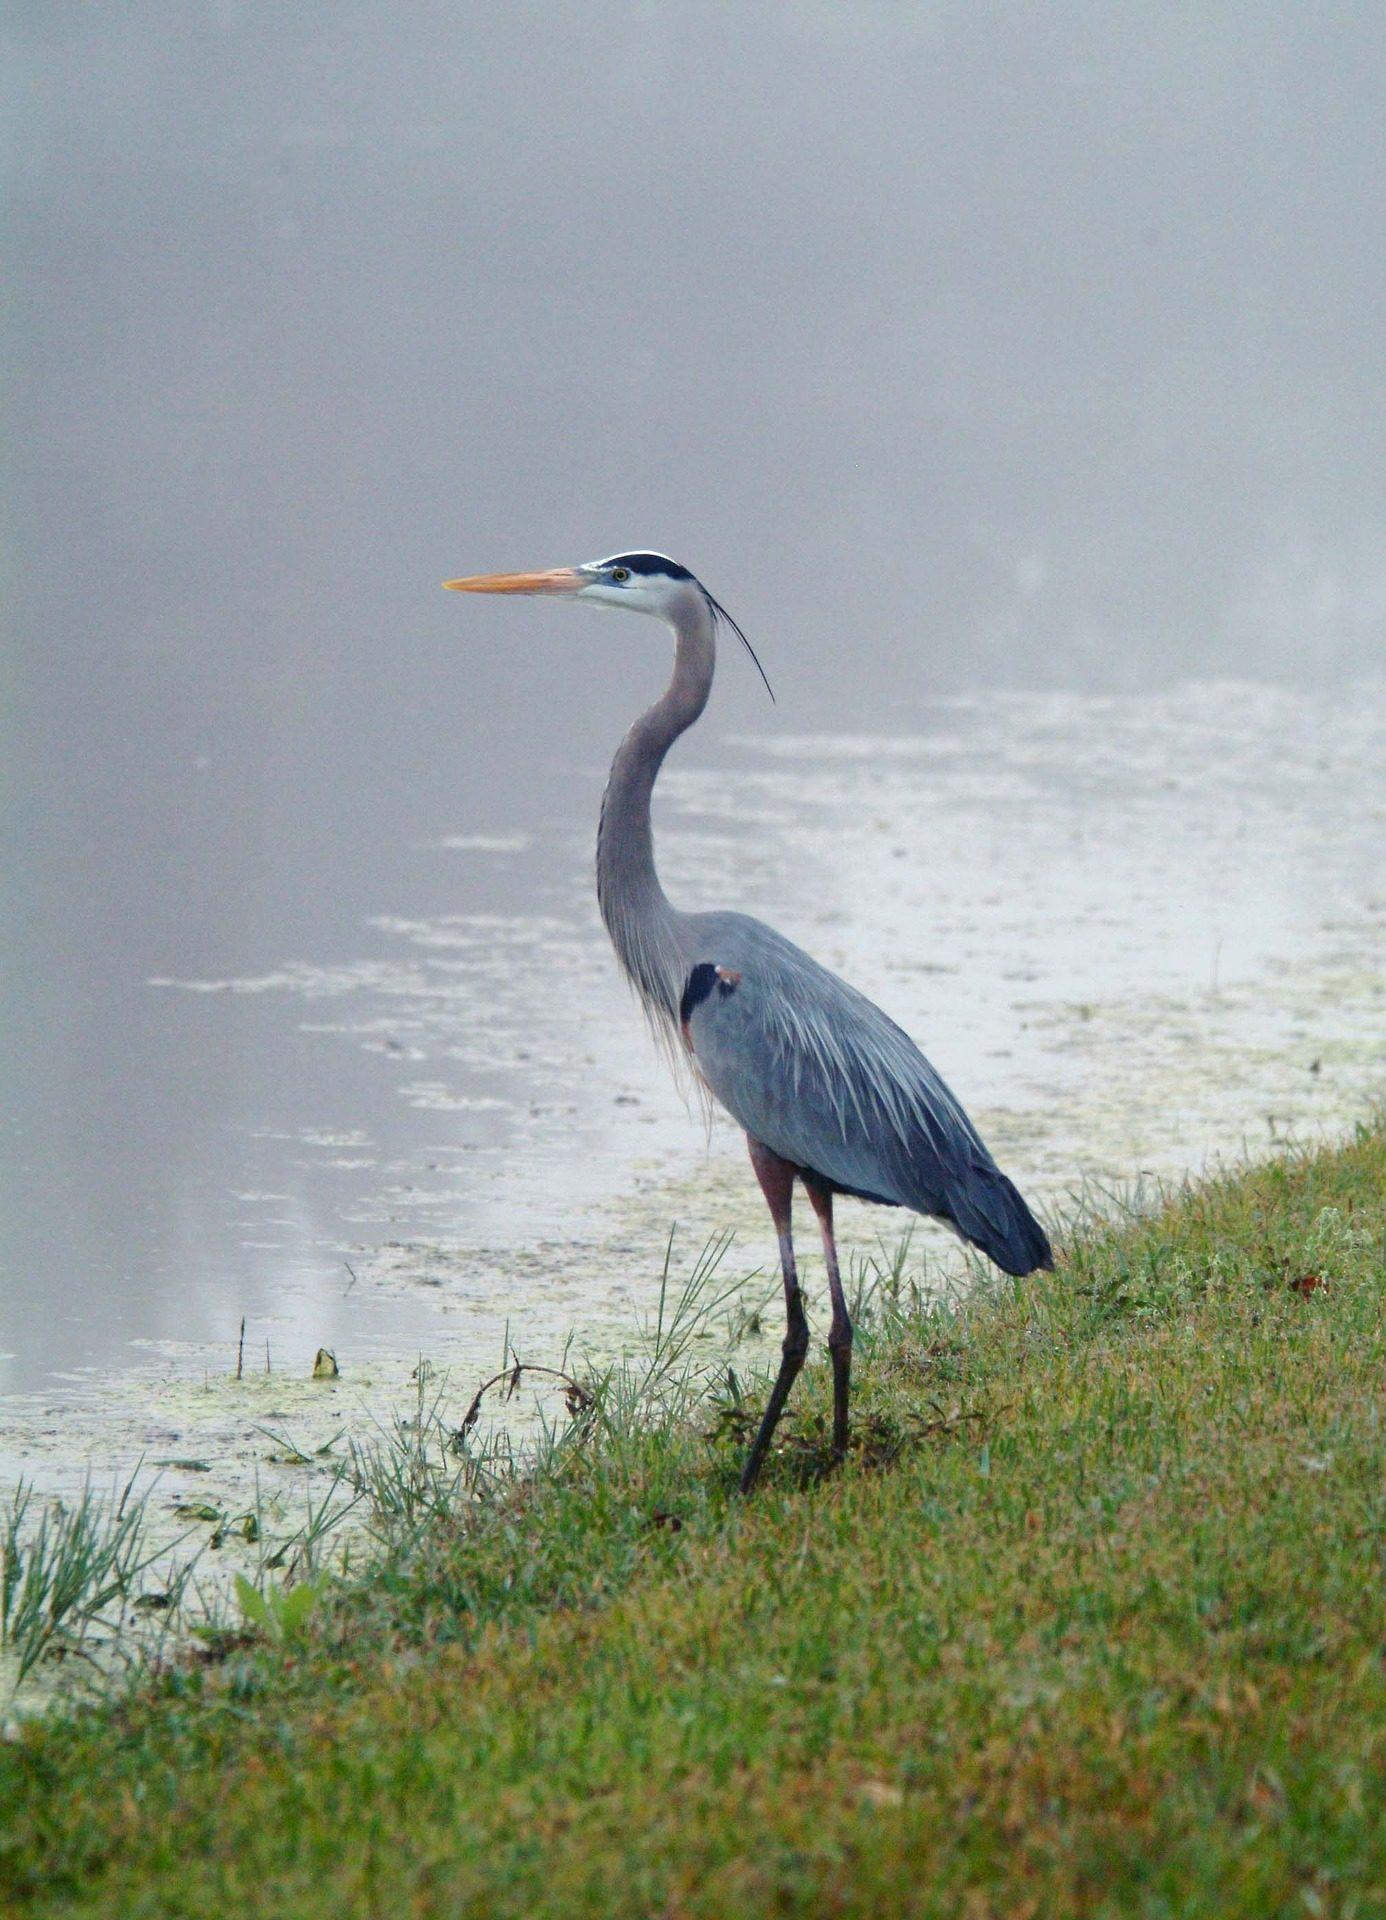 gru, Uccello, Ave, Marsh, Laguna, Selvaggio, libertà - Sfondi HD - Professor-falken.com